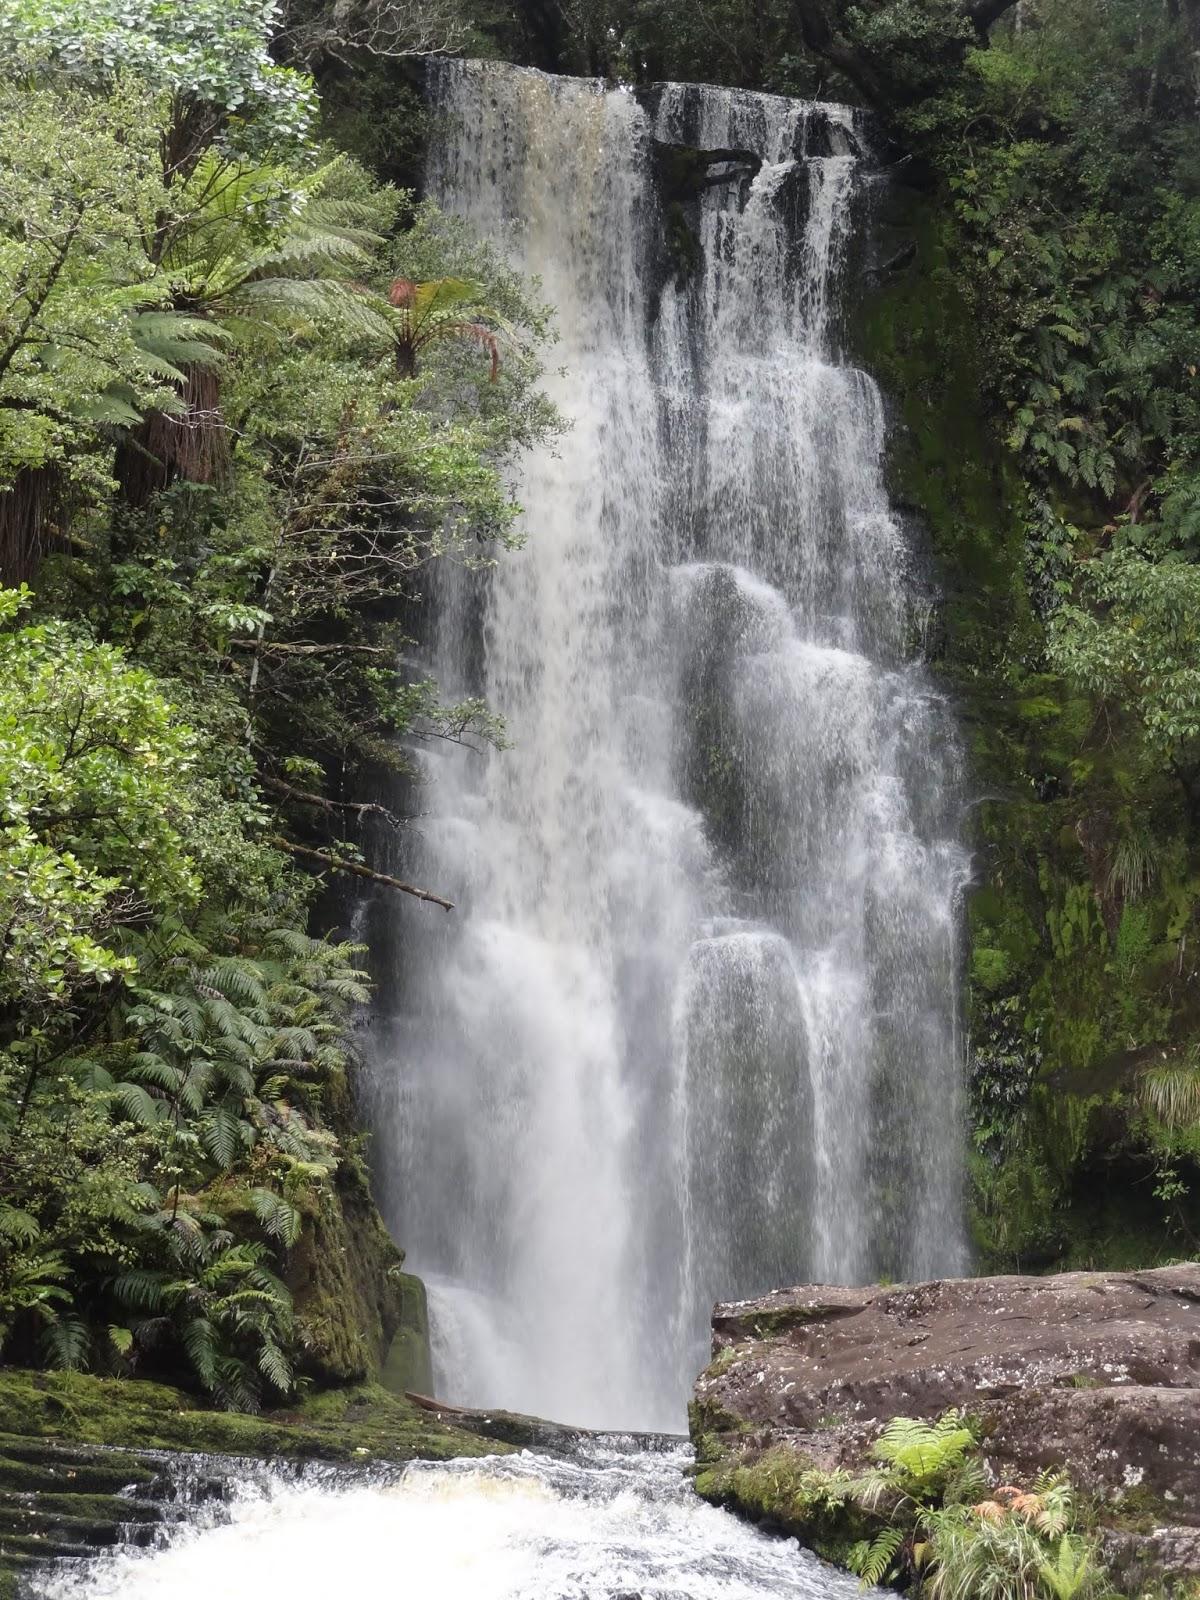 McCleans Falls